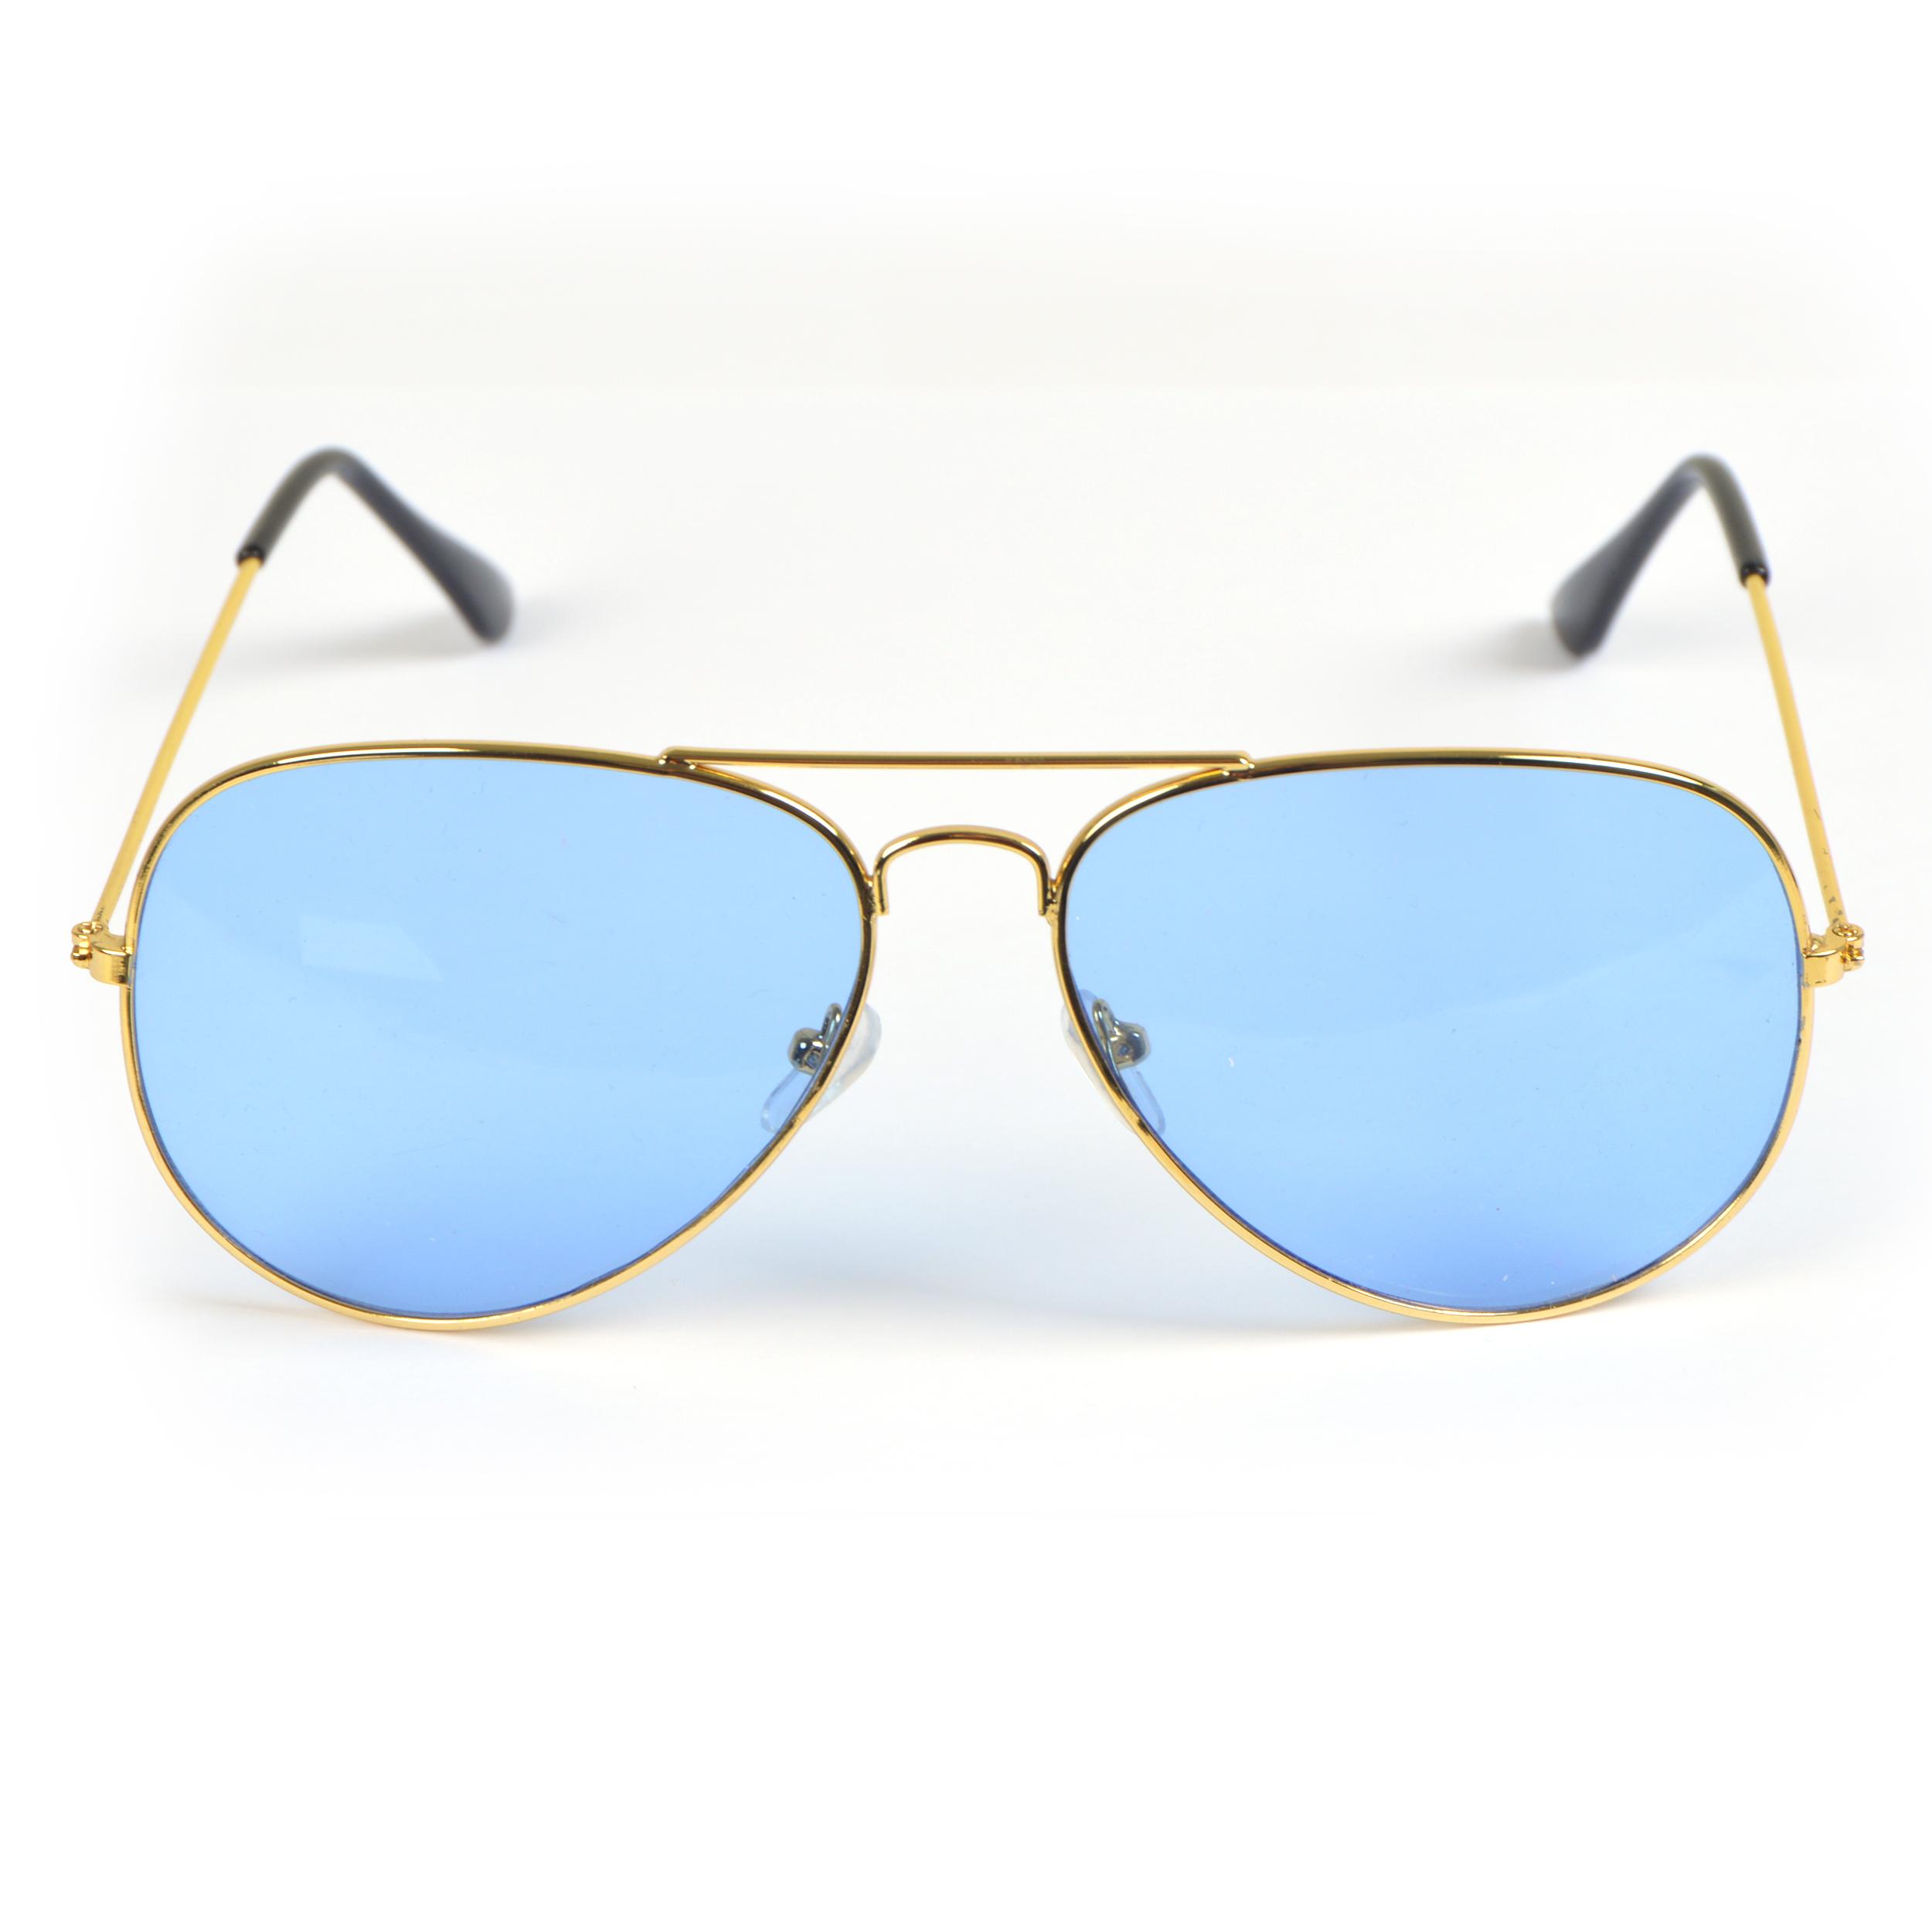 Sonnenbrille, Light, Pilotenbrille - Goldfassung, Gläser hellblaue